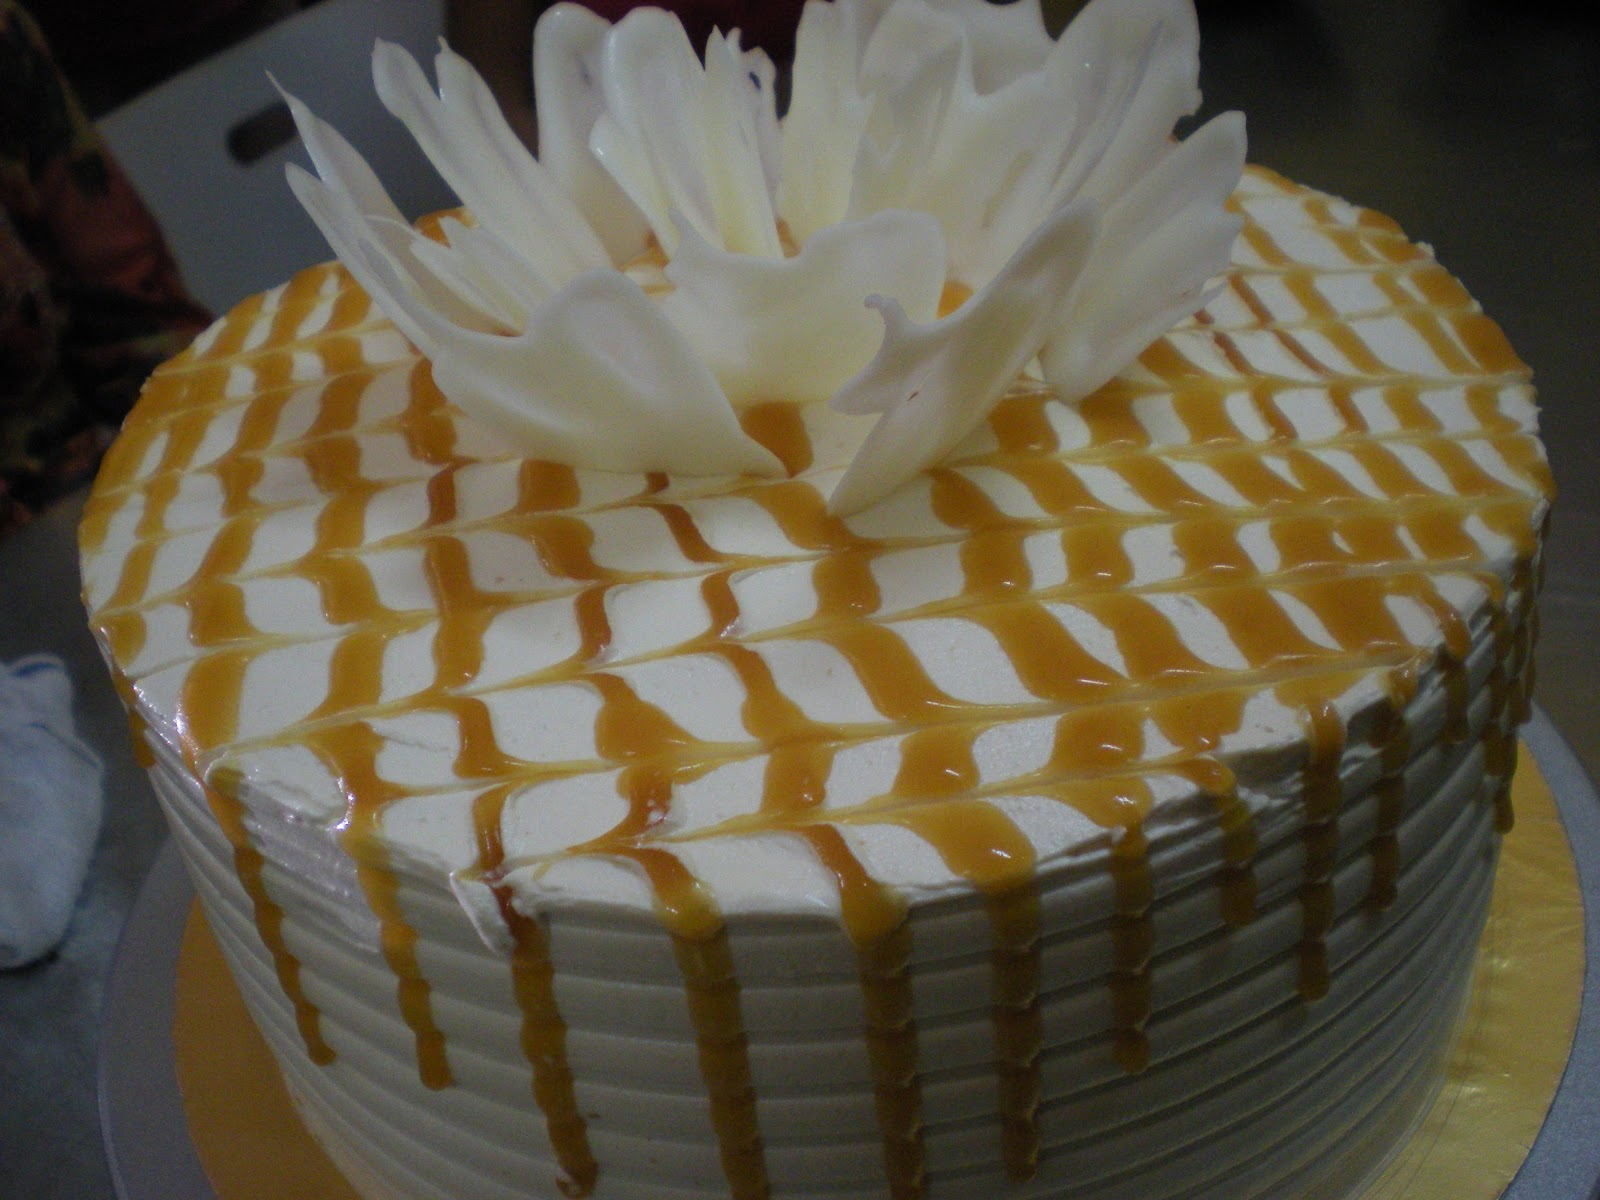 ... Cake - Mascarpone Chocolate Cake, Hazelnut Caramel and Nutty Caramel